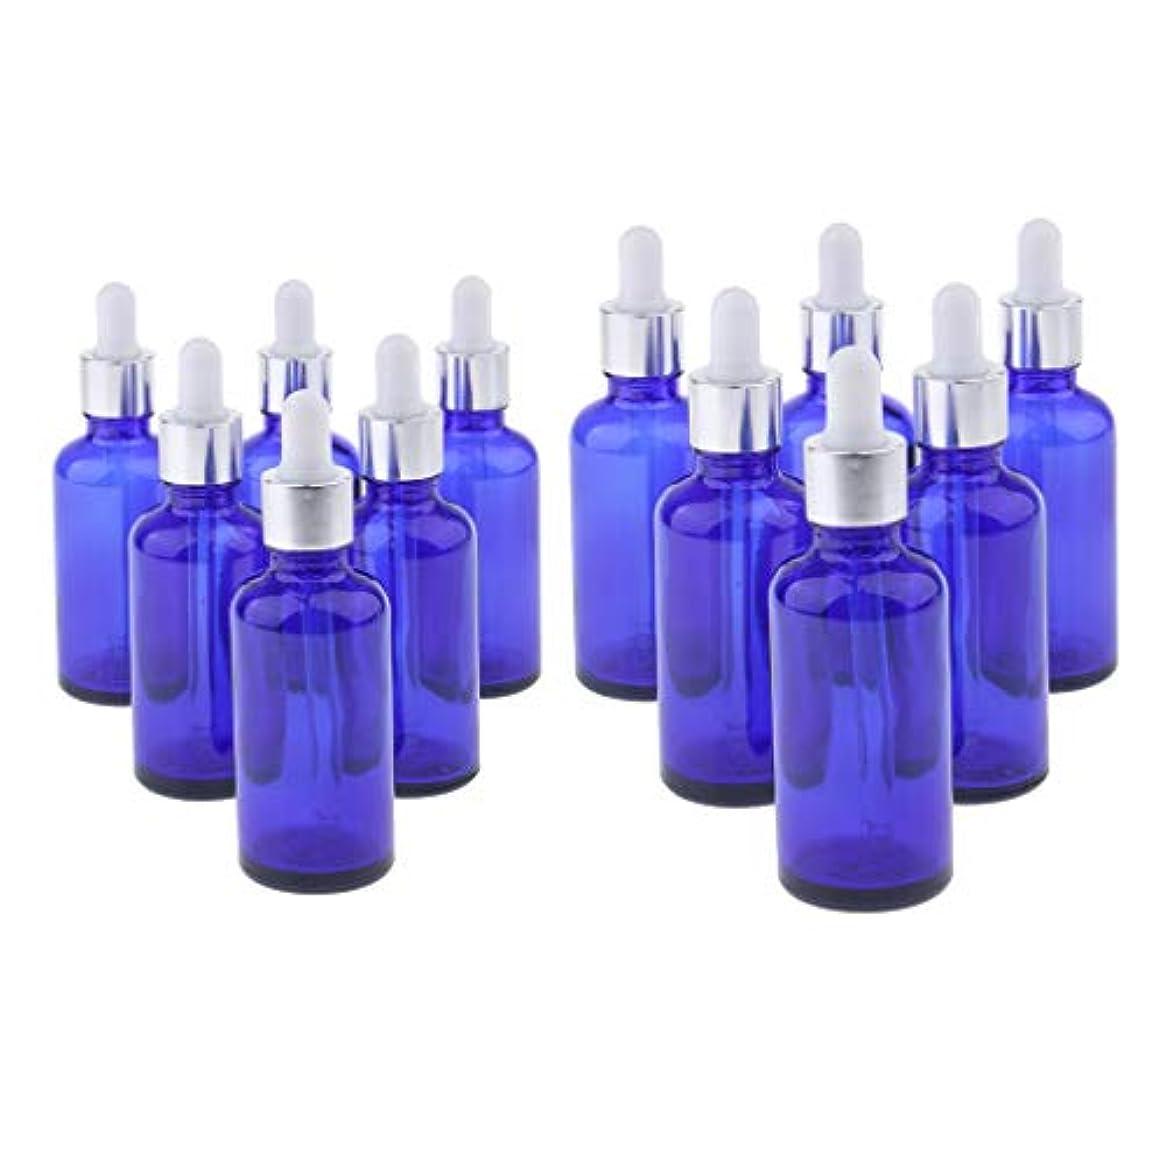 大気イベント八百屋P Prettyia 化粧品容器 ガラスボトル エッセンシャルオイル 精油 香水 保存容器 スポイト付 12個入